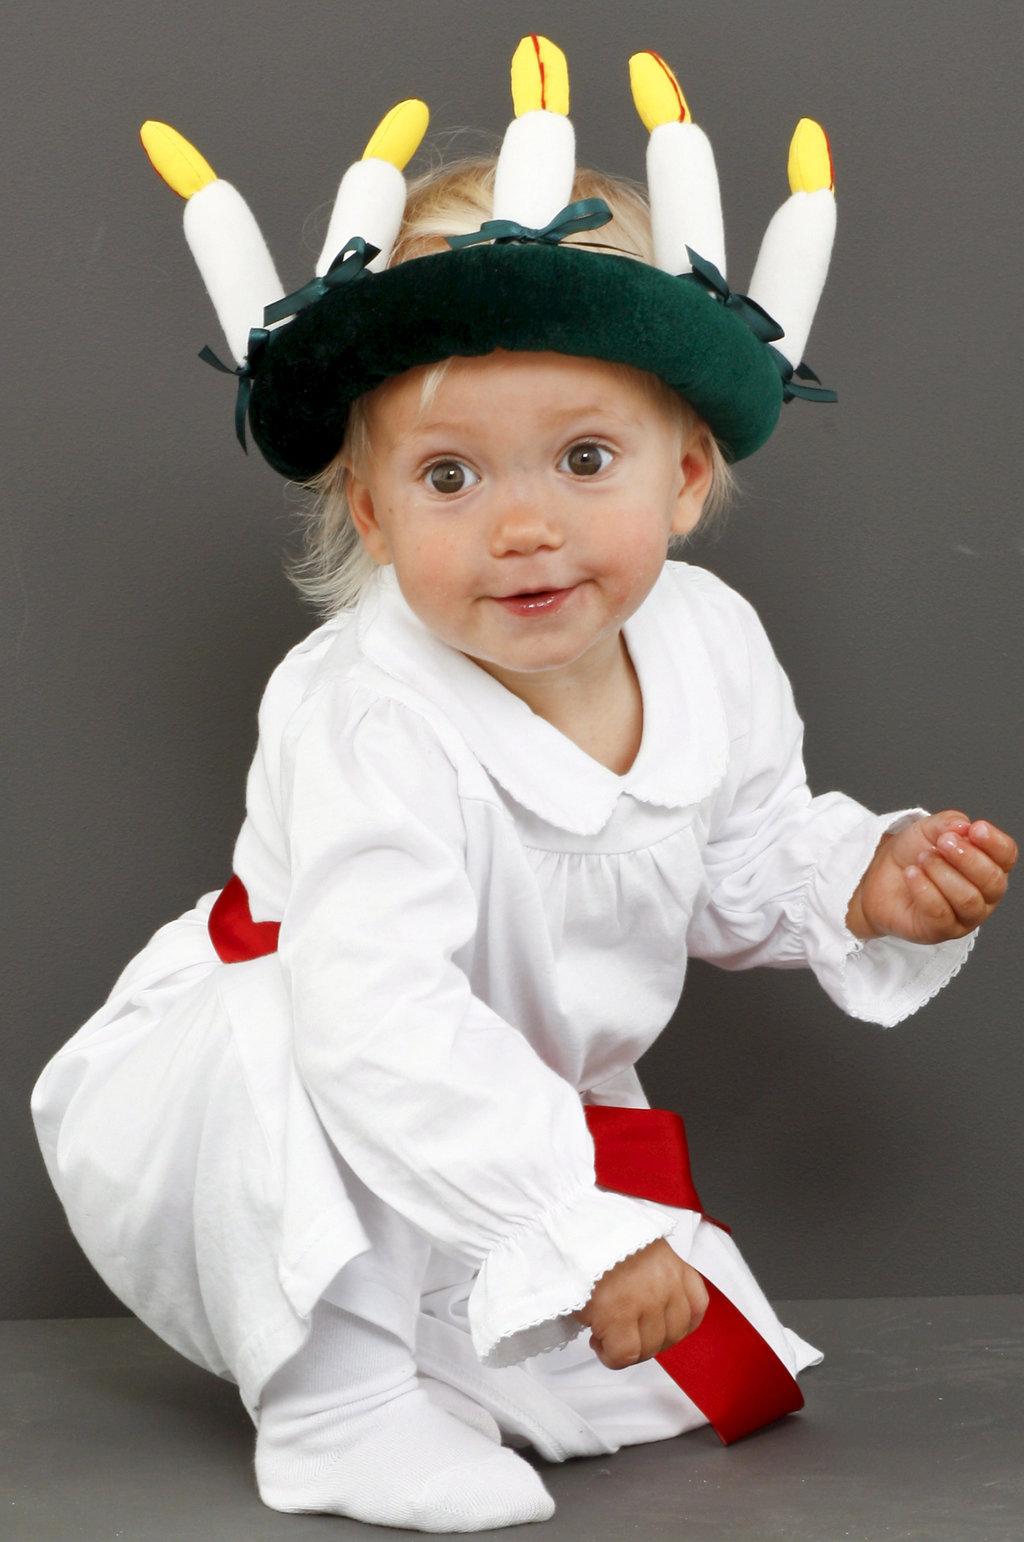 Prima tips på söta luciakläder! | Familjetipsbloggen DK-23